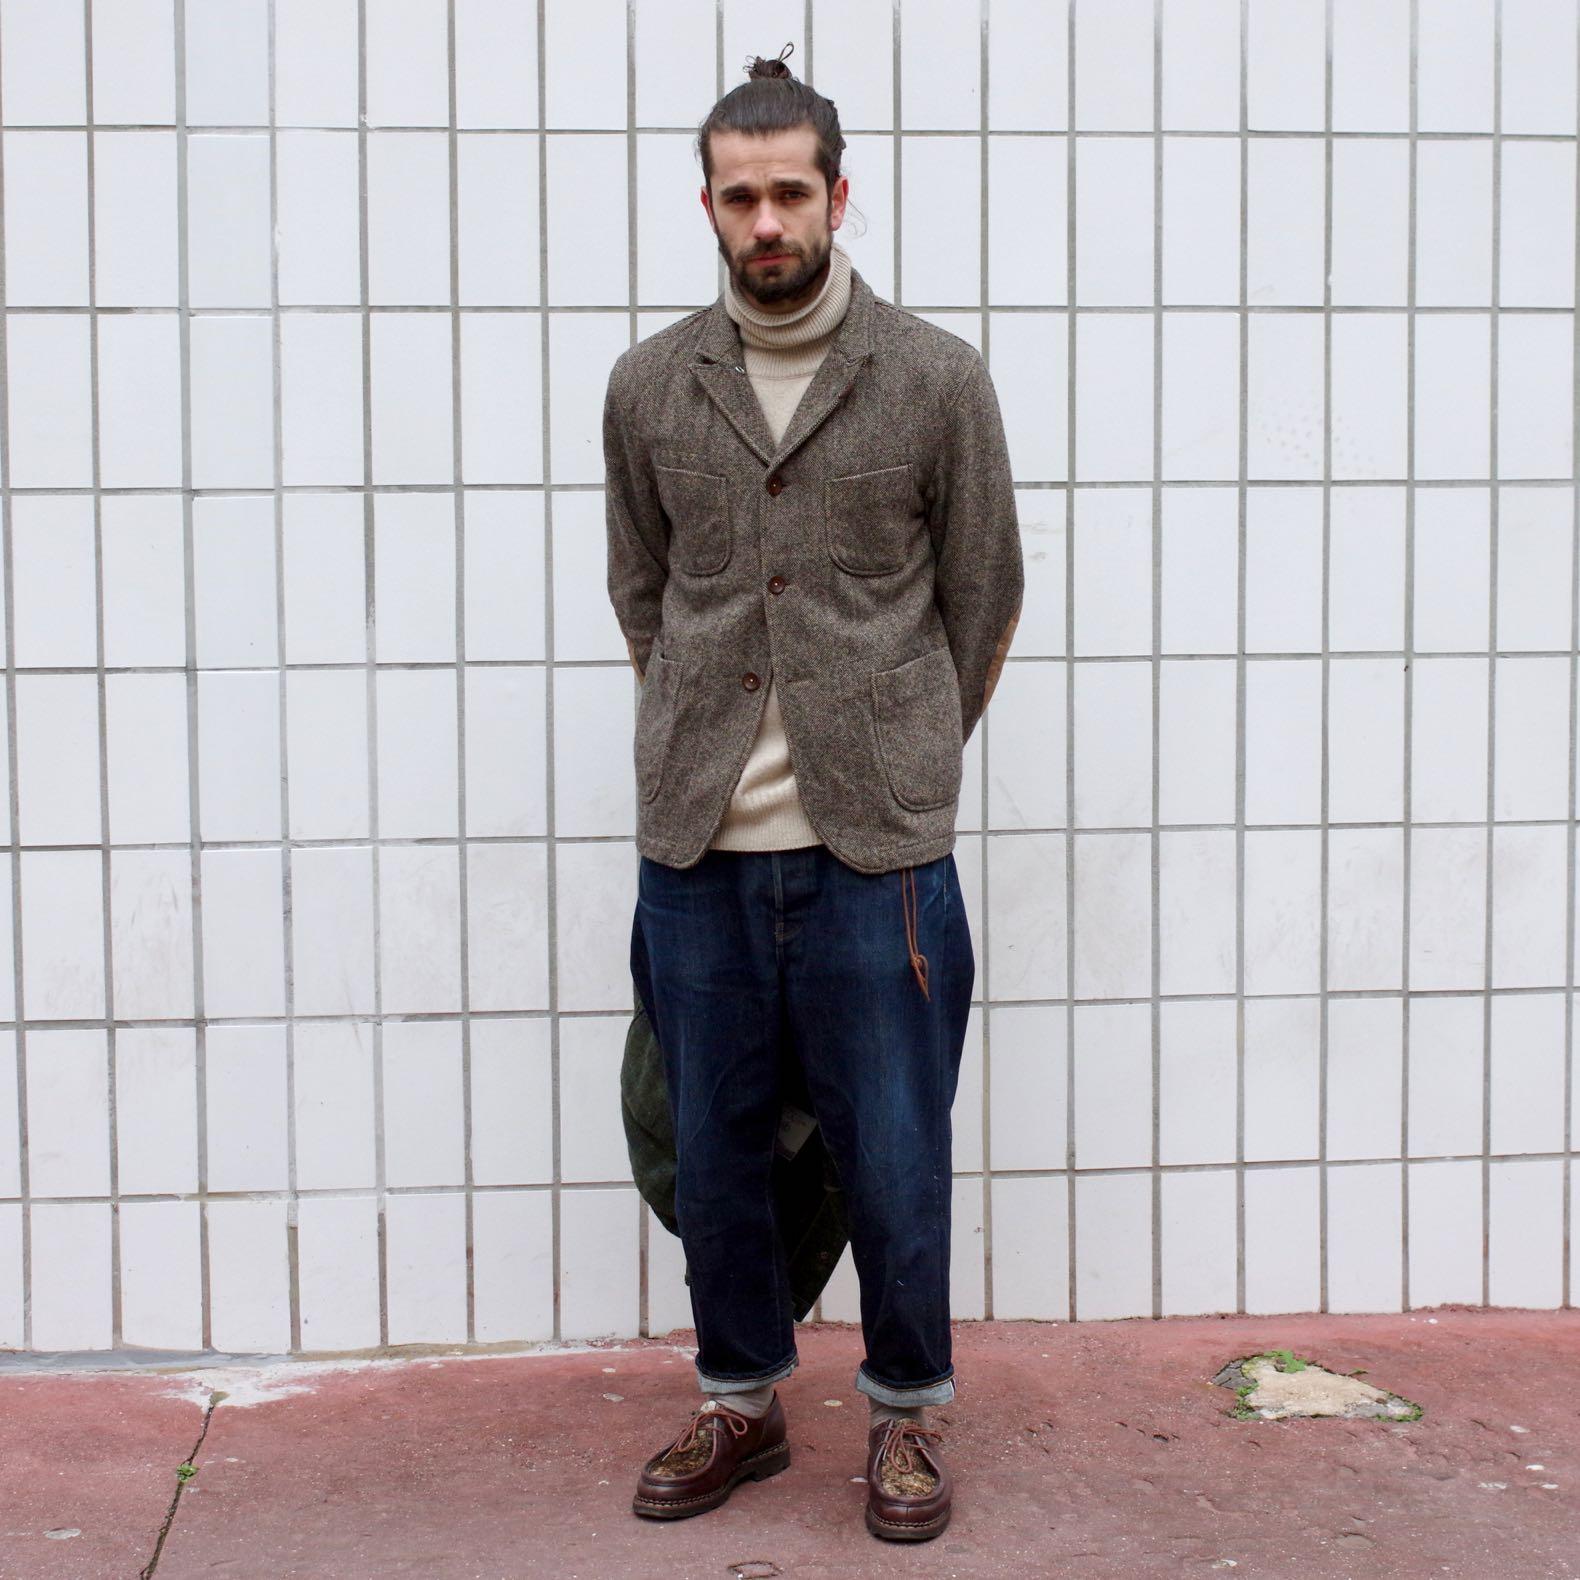 conseil pour porter un col roulé avec style mode homme